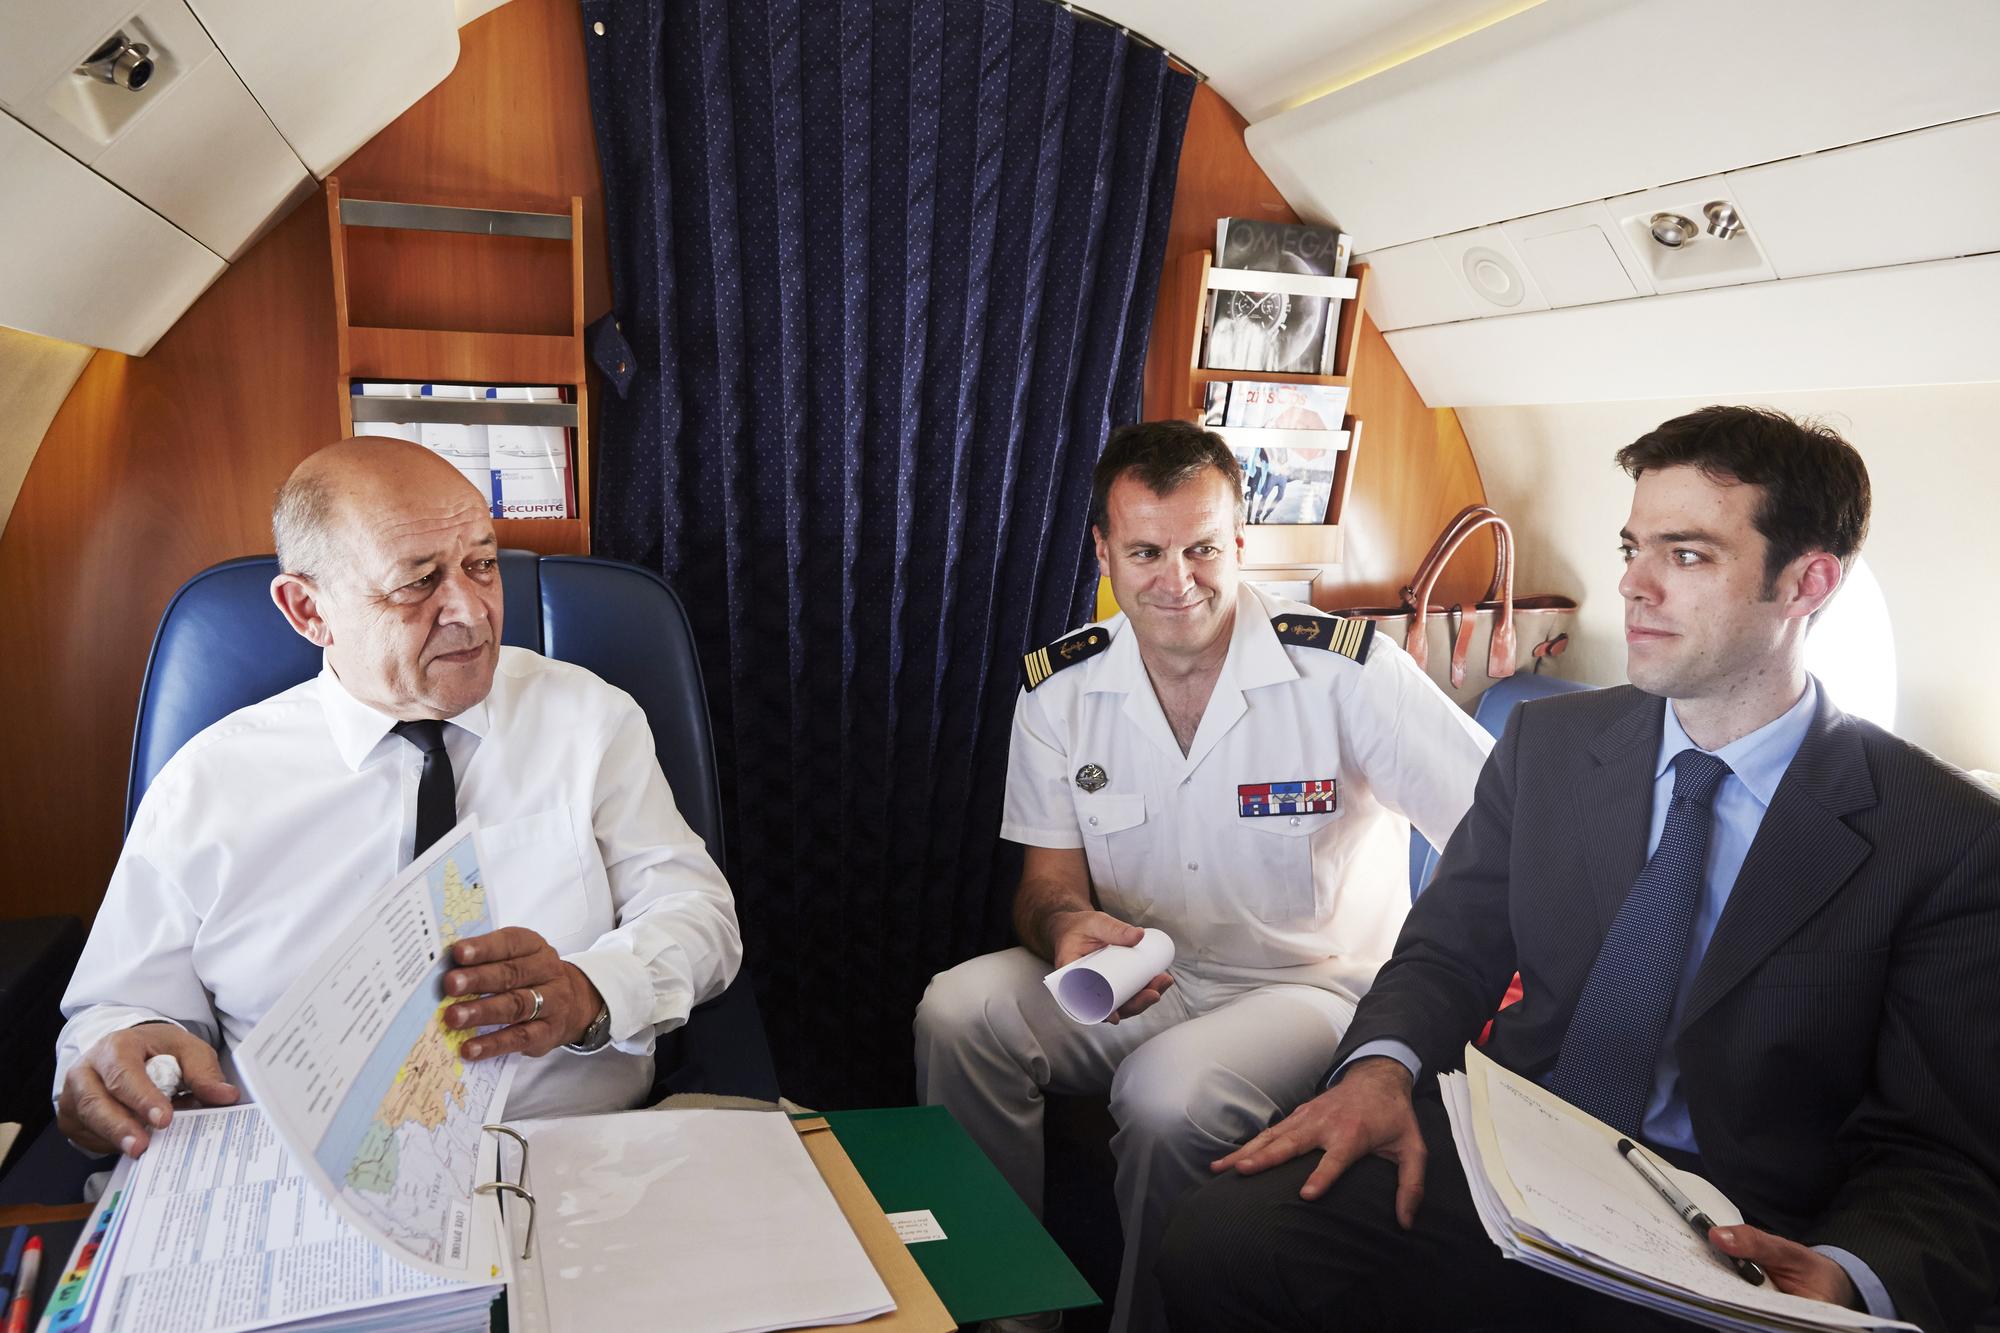 Le 9mai 2014, Jean-Yves Le Drian (à g.), alors ministre de la Défense, le conseiller Franck Paris (à dr.), et le capitaine de vaisseau Velly à bord d'un Falcon, direction Abidjan.